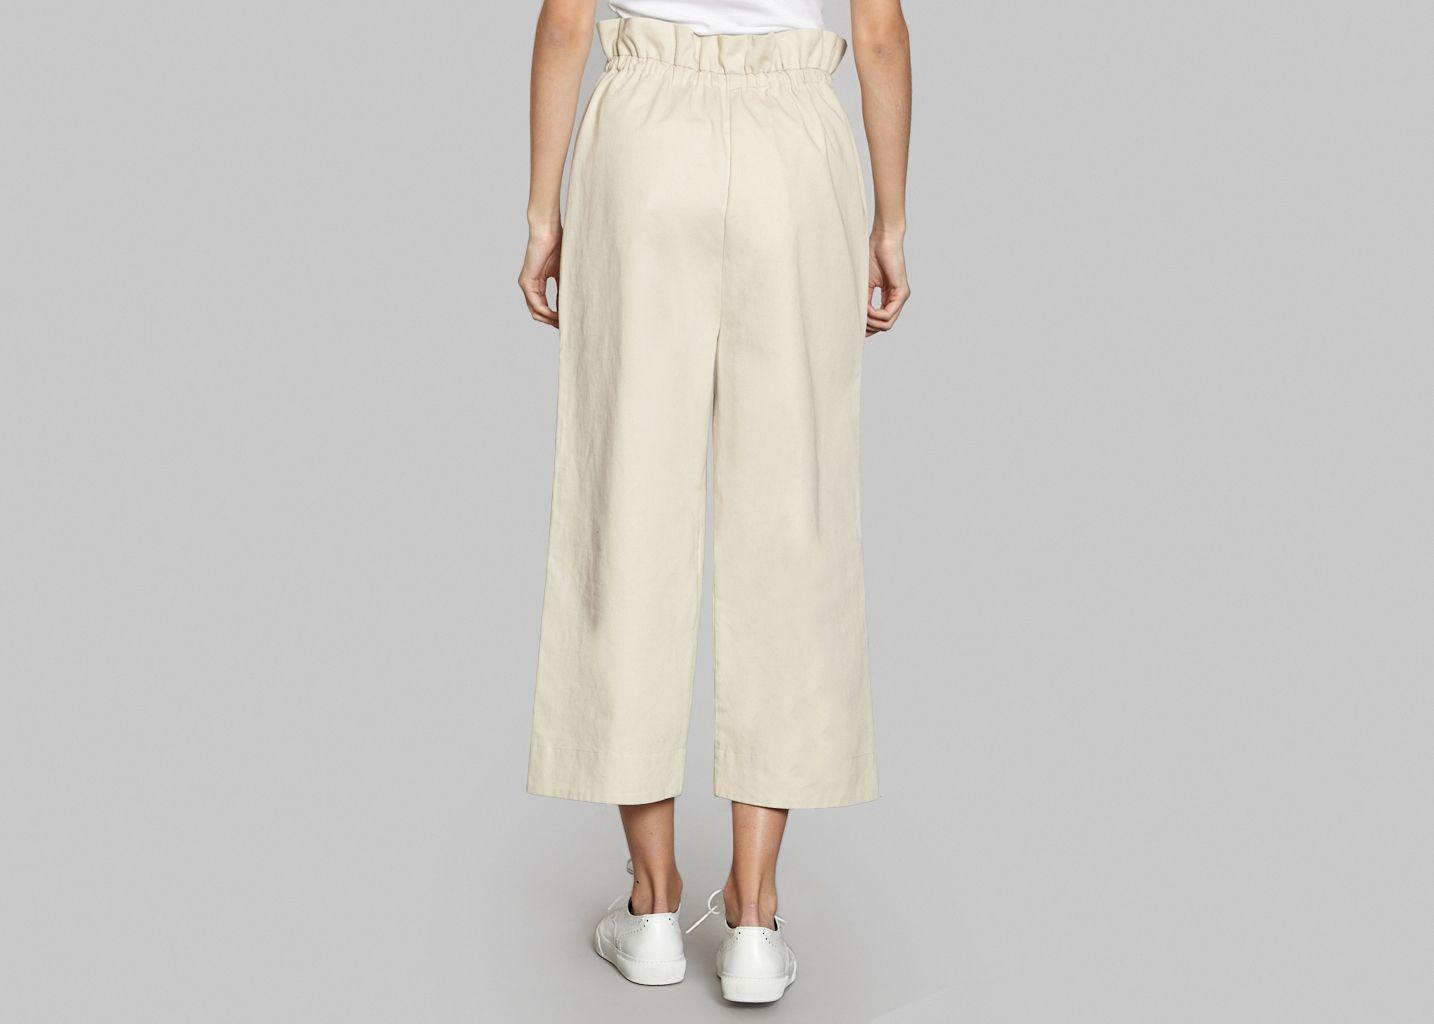 Pantalon Nicoletta - Gaëlle constantini